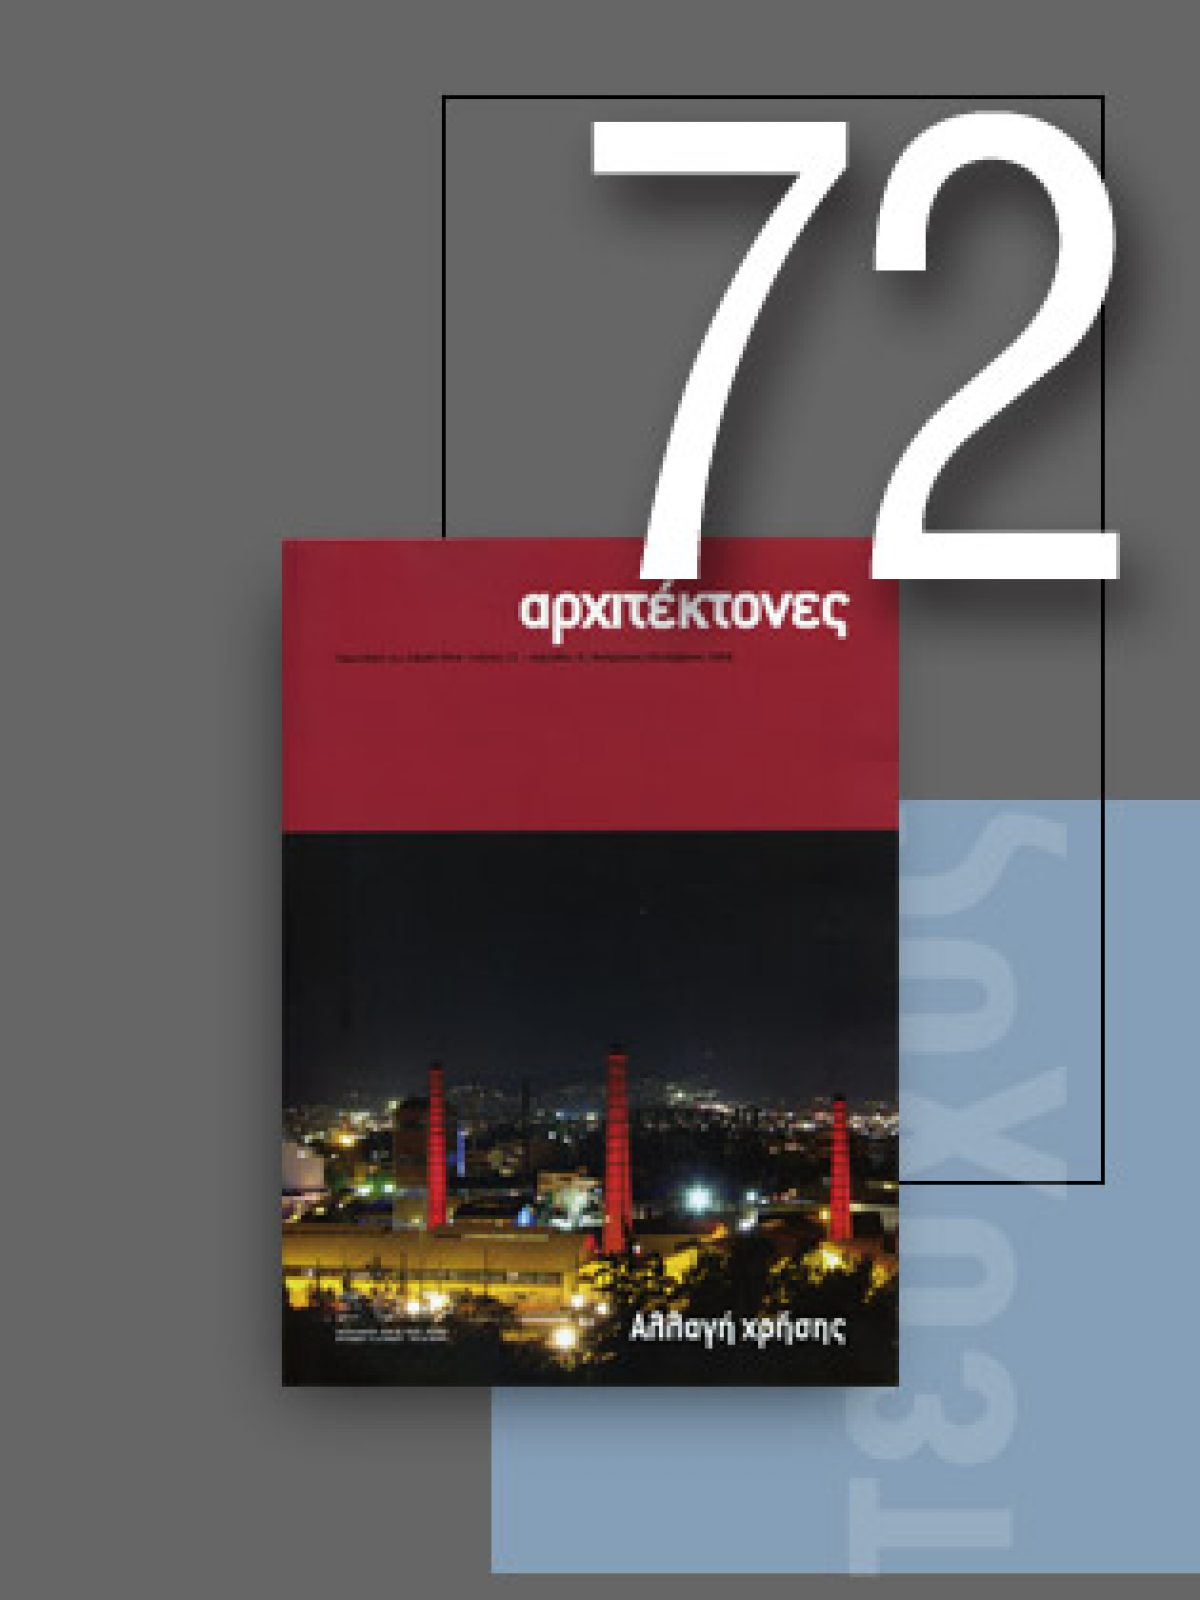 «Αρχιτέκτονες» Τεύχος 72, Περίοδος Β', Νοέμβριος/Δεκέμβριος 2008 | Αλλαγή χρήσης